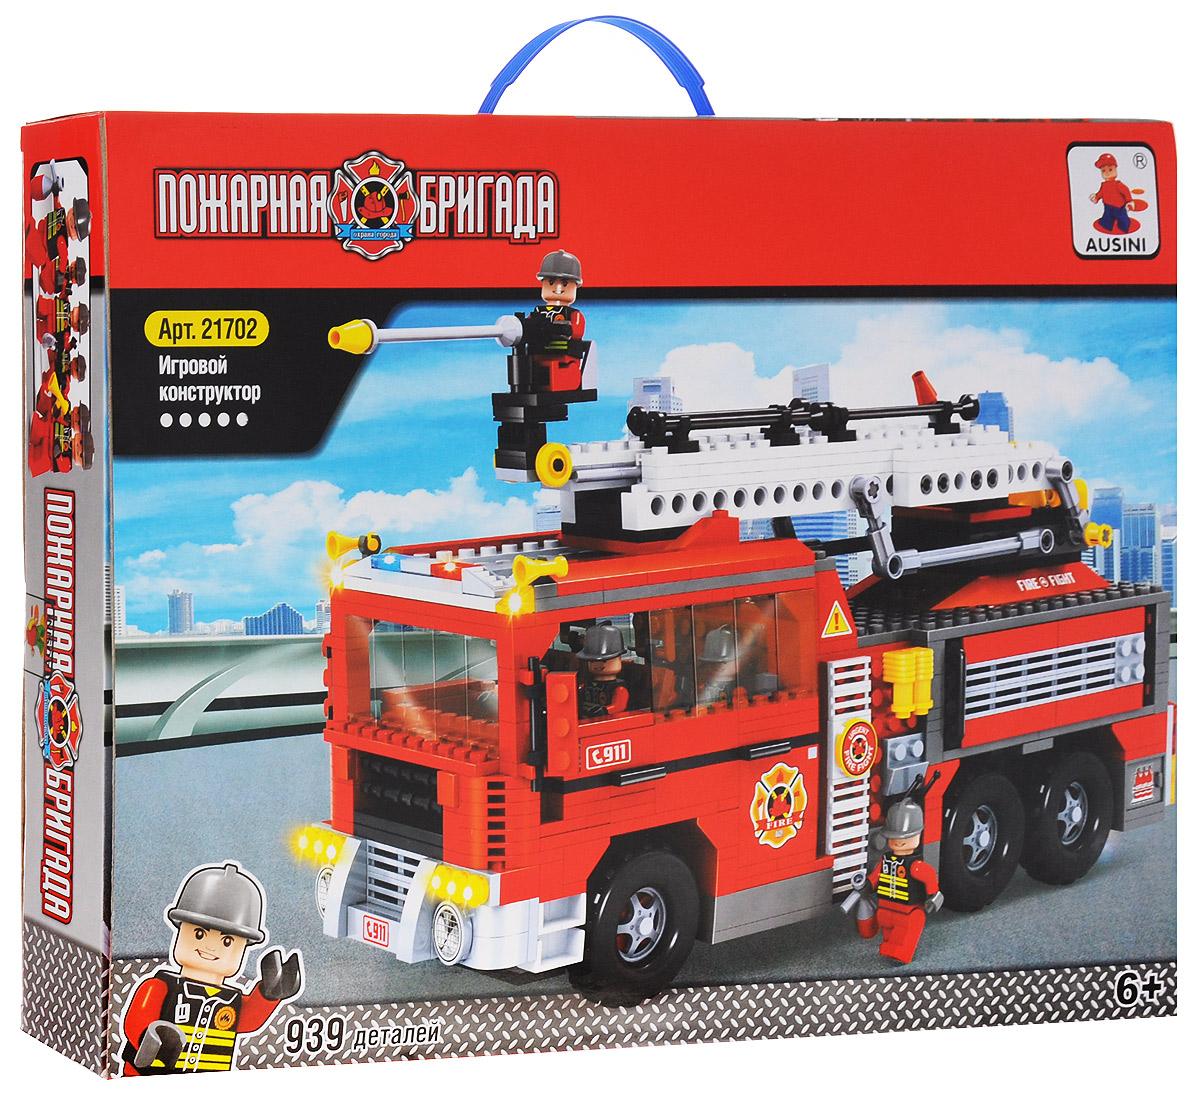 Ausini Конструктор Пожарная бригада 2170221702Конструктор Ausini Пожарная бригада состоит из 939 элементов, с помощью которых ребенок сможет построить большую пожарную машину с командой (6 фигурок в комплекте). Лестница пожарной машины может вращаться, подниматься и выдвигаться. Детали между собой прекрасно скрепляются, а также совместимы с конструкторами других марок. Малыш часами будет играть с этим конструктором, придумывая разные истории и комбинируя детали. Конструктор Ausini Пожарная бригада - это замечательная развивающая игрушка, которая послужит не только в качестве развлечения вашего ребенка, но и поможет ему в совершенствовании таких жизненно важных навыков, как мелкая моторика, тактильное и визуальное восприятие, мышление, воображение, внимательность и усидчивость, а также познакомит его с основами моделирования и конструирования. Совместим с конструкторами Лего.